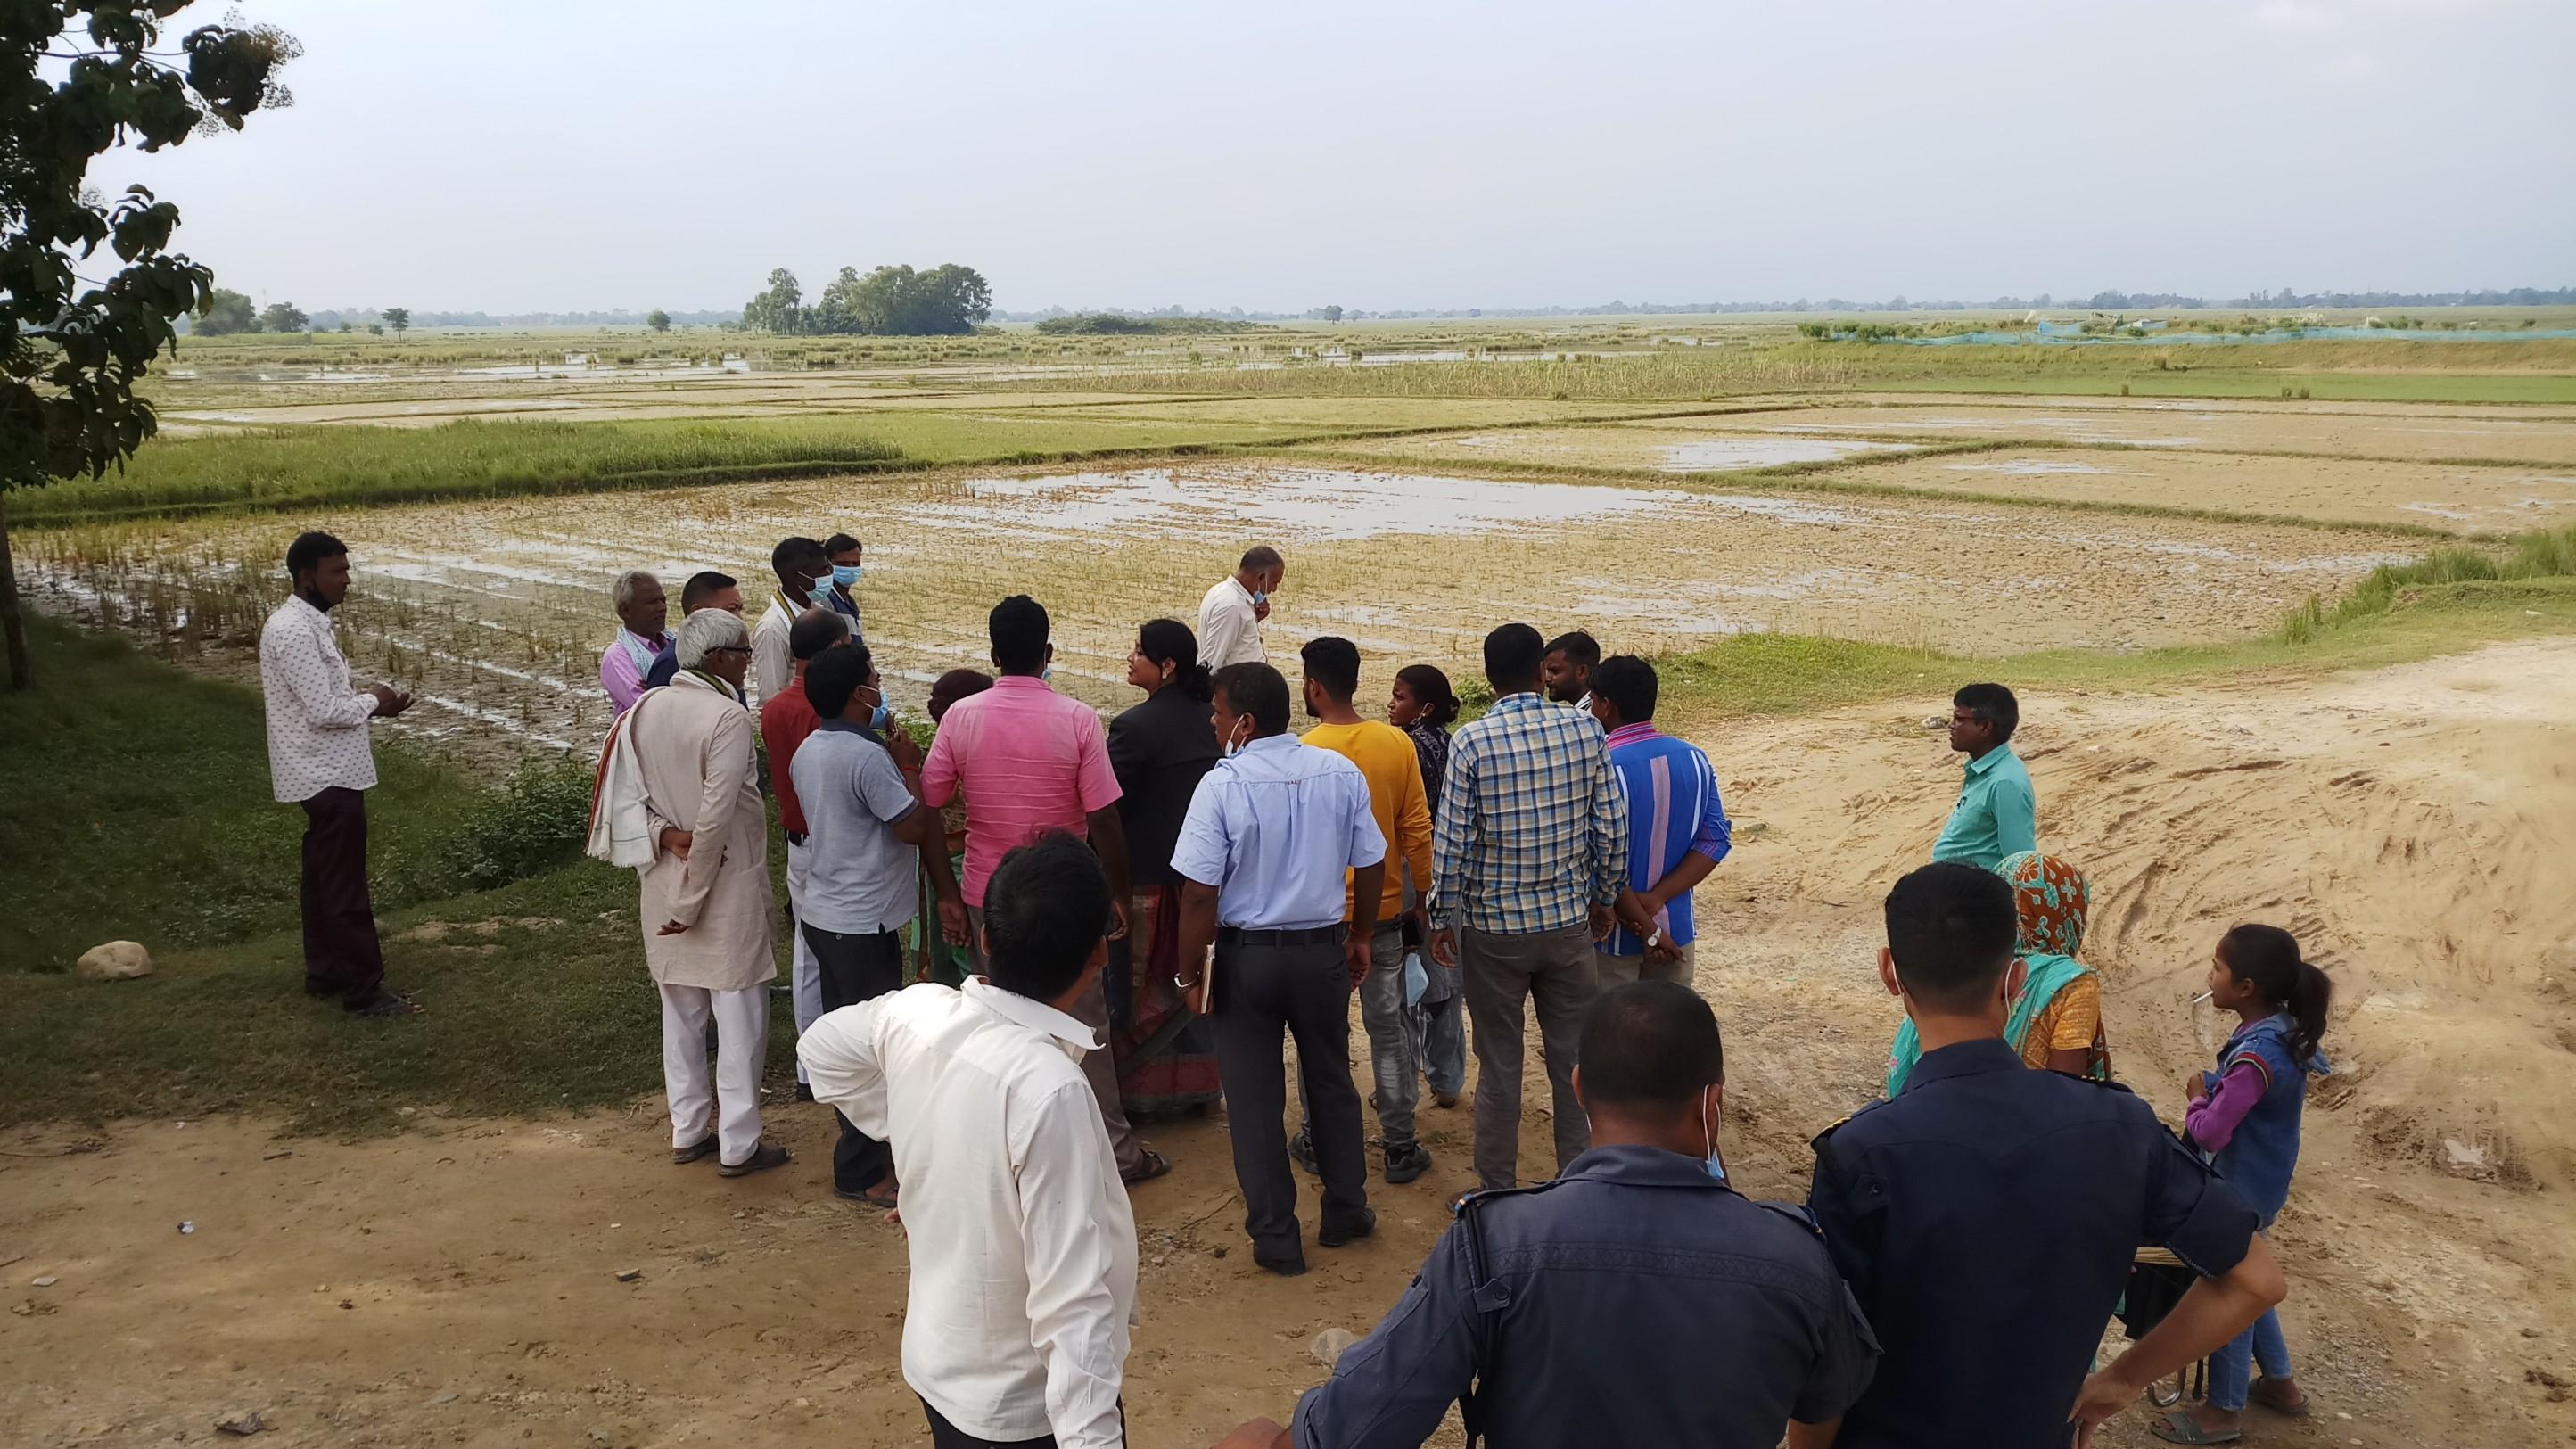 कृषि, खाद्य प्रविधि तथा भूमि व्यवस्था मन्त्रालयका  मा.मन्त्री  श्री  सुमन शर्मा रायमाझी ज्यु बाट सरावल गा.पा. ७मा  डुबान क्षेत्रको स्थलगत निरीक्षण।२०७८०६०२